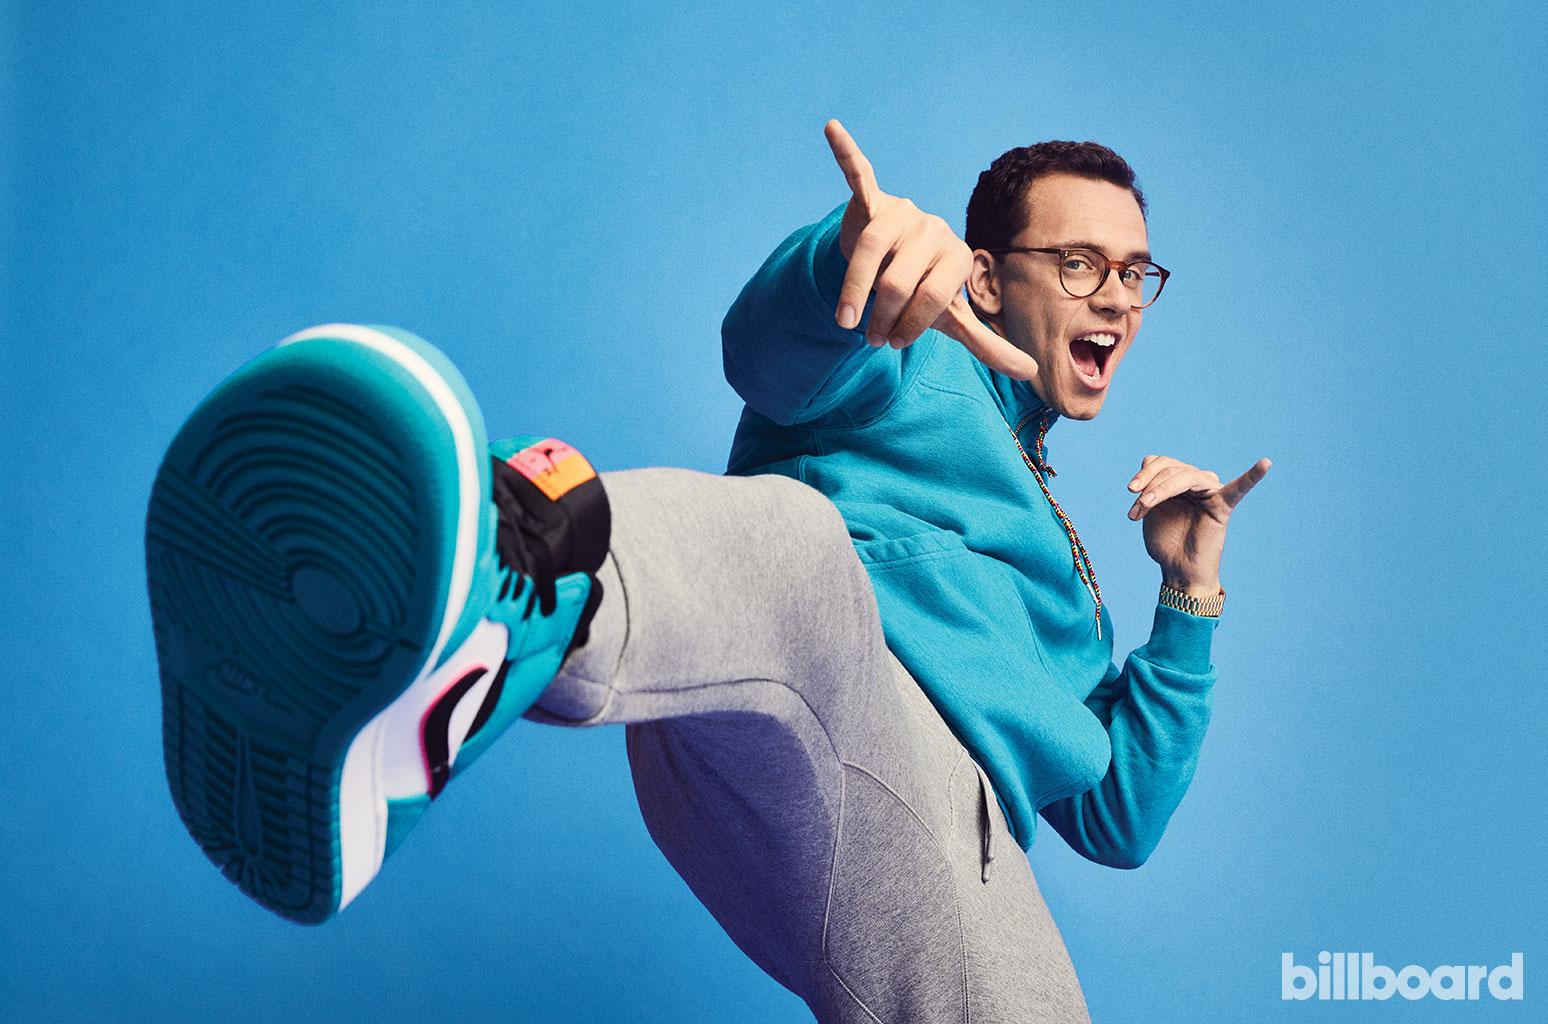 Logic-bb28-2018-feat-billboard-fgjiyt-1548.jpg